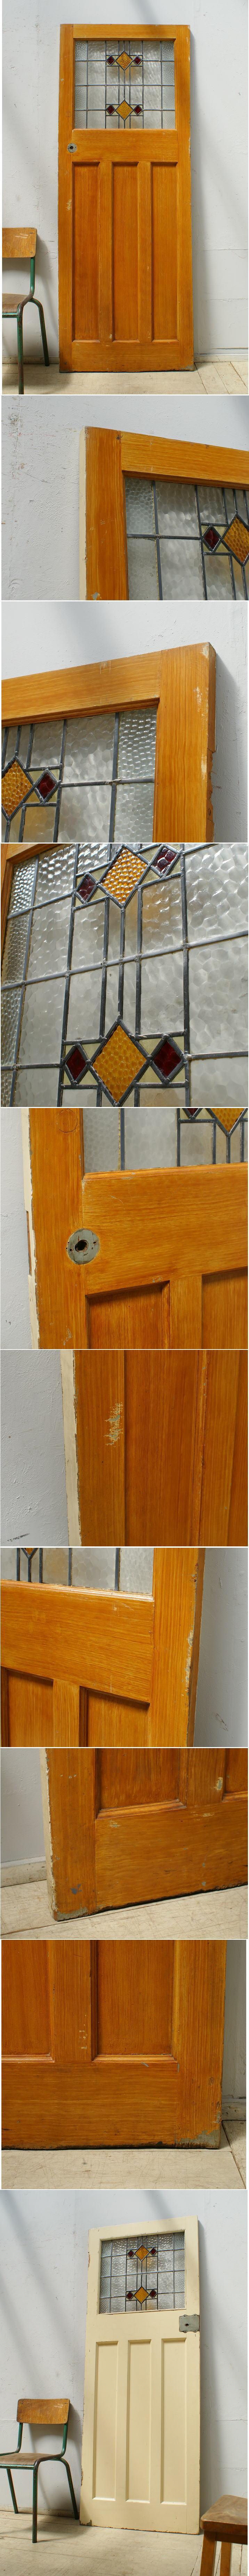 イギリス アンティーク ステンドグラス入り木製ドア 扉 ディスプレイ 建具 6462